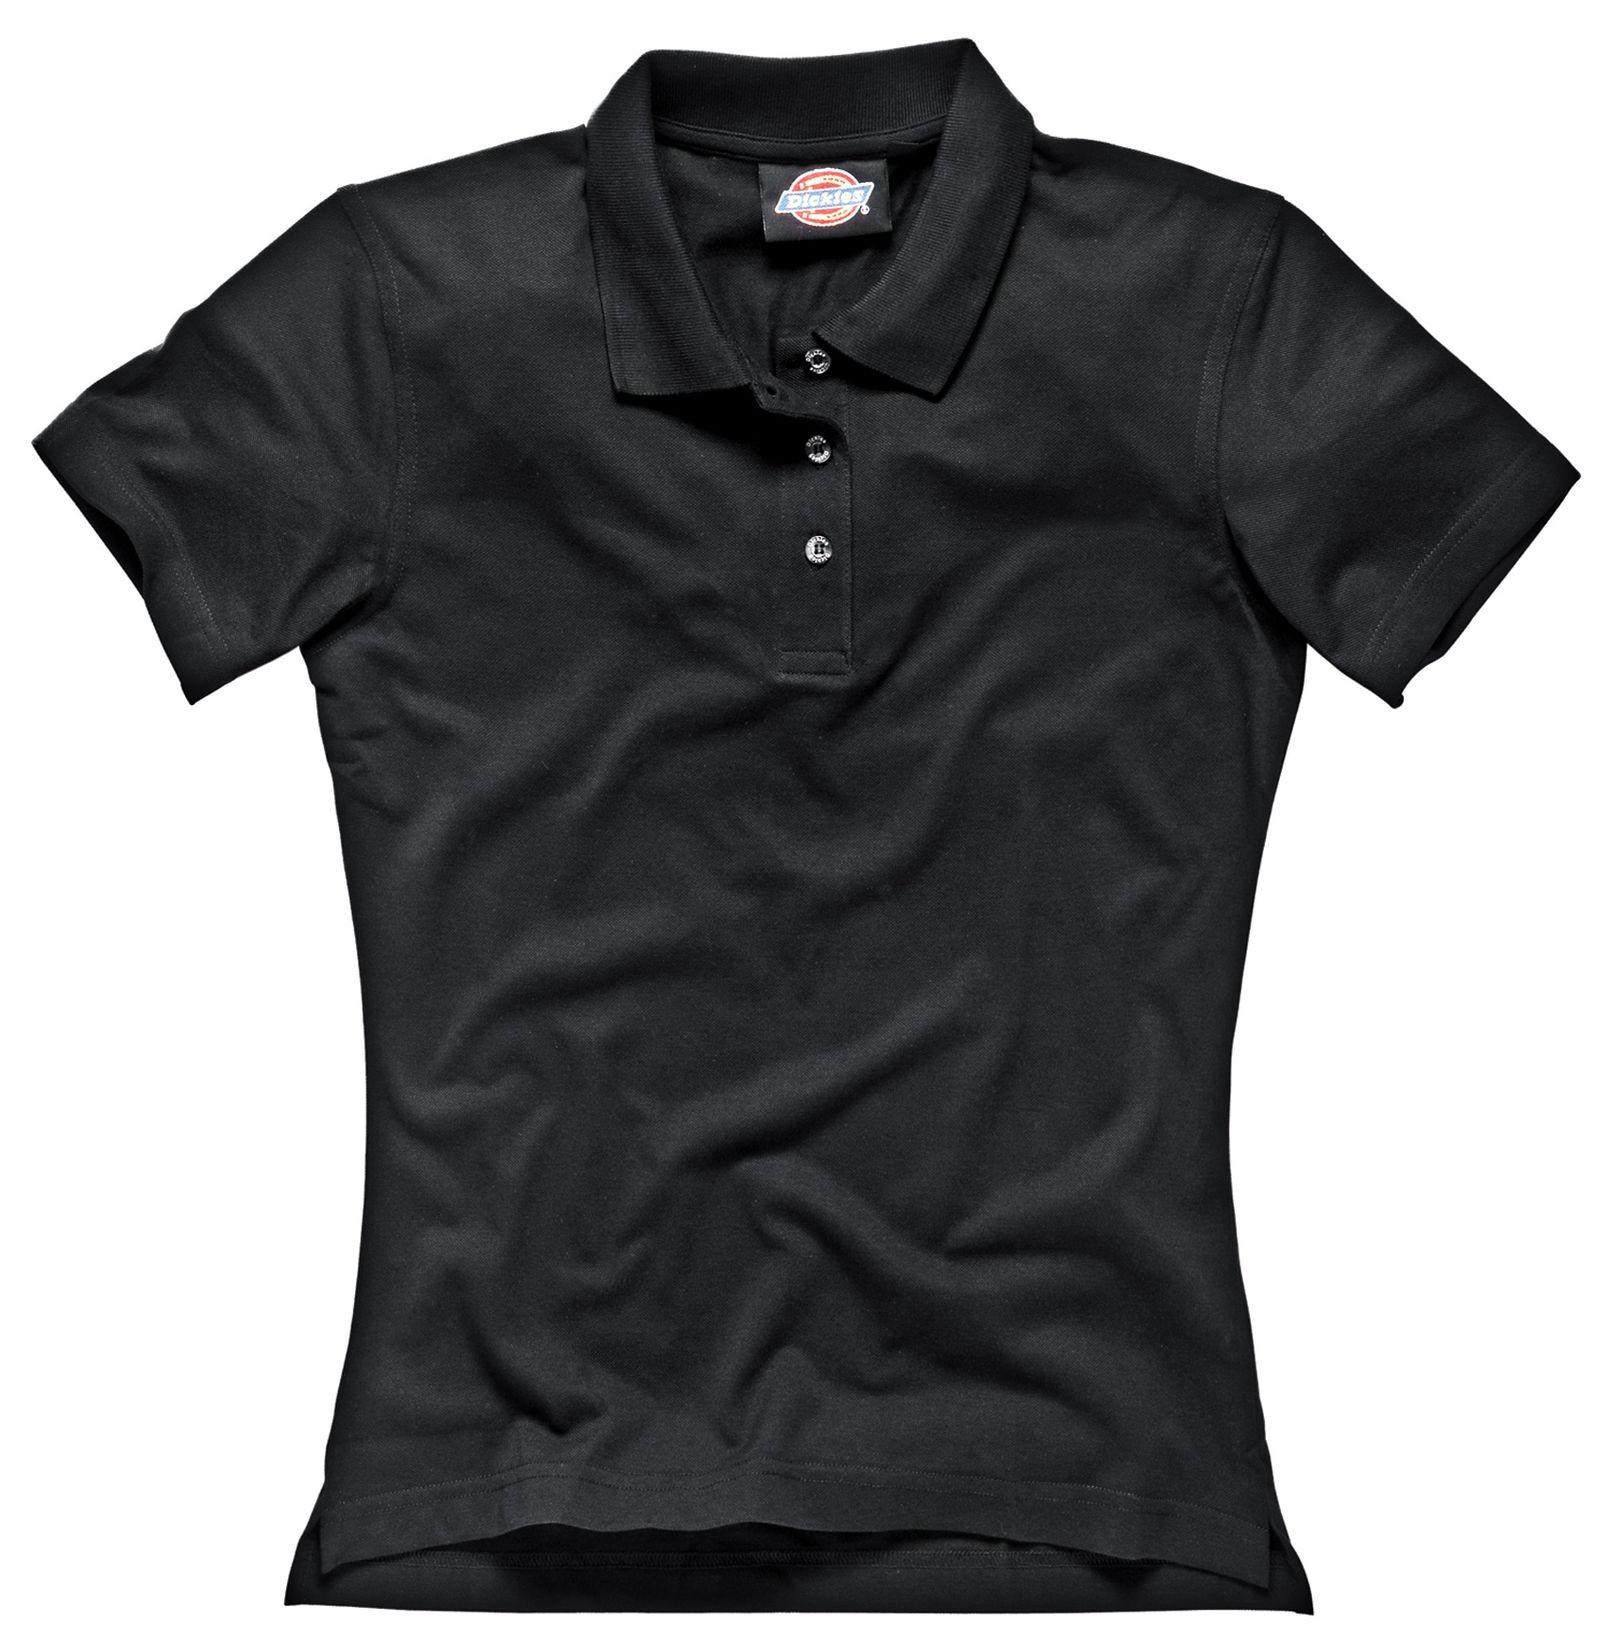 c651deadda T-shirt de travail femme - Protextyl - Le spécialiste du vêtement de ...